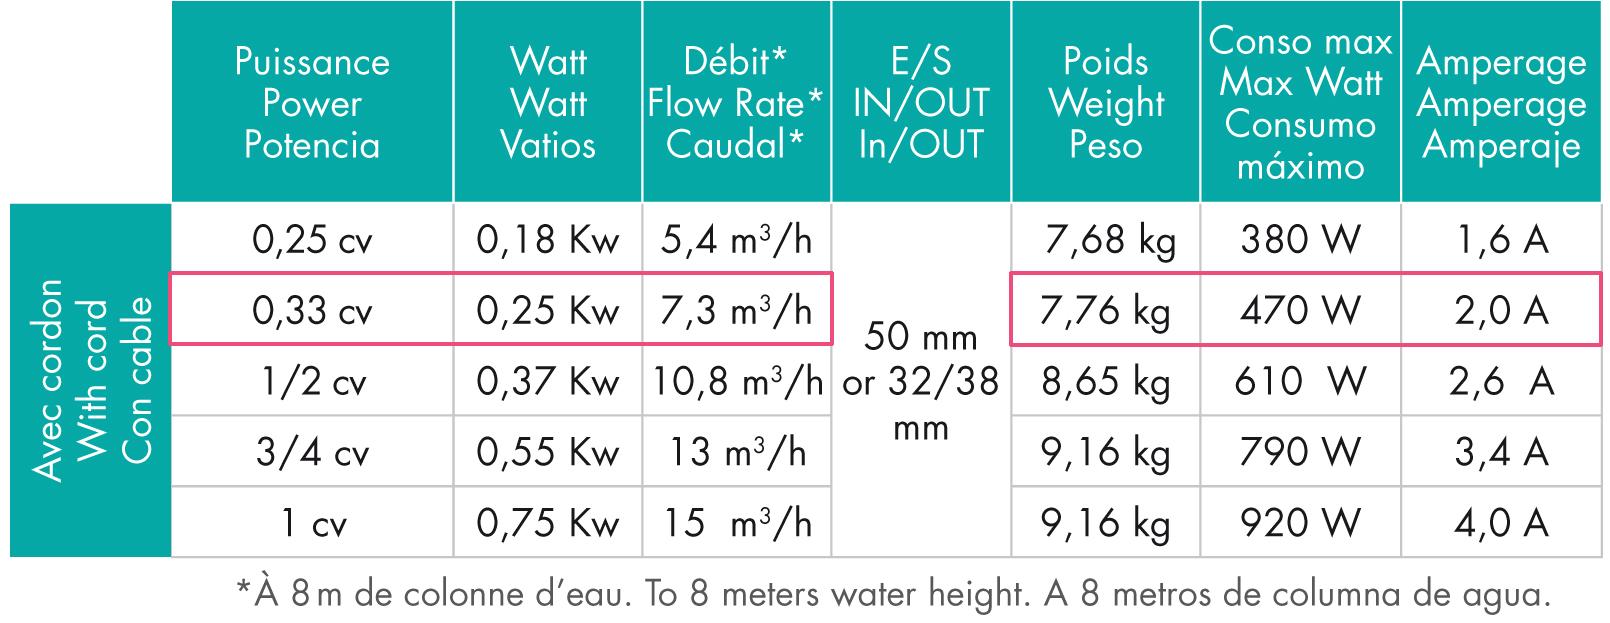 Caractéristiques Techniques Pompe Hayward Powerline 0,25cv